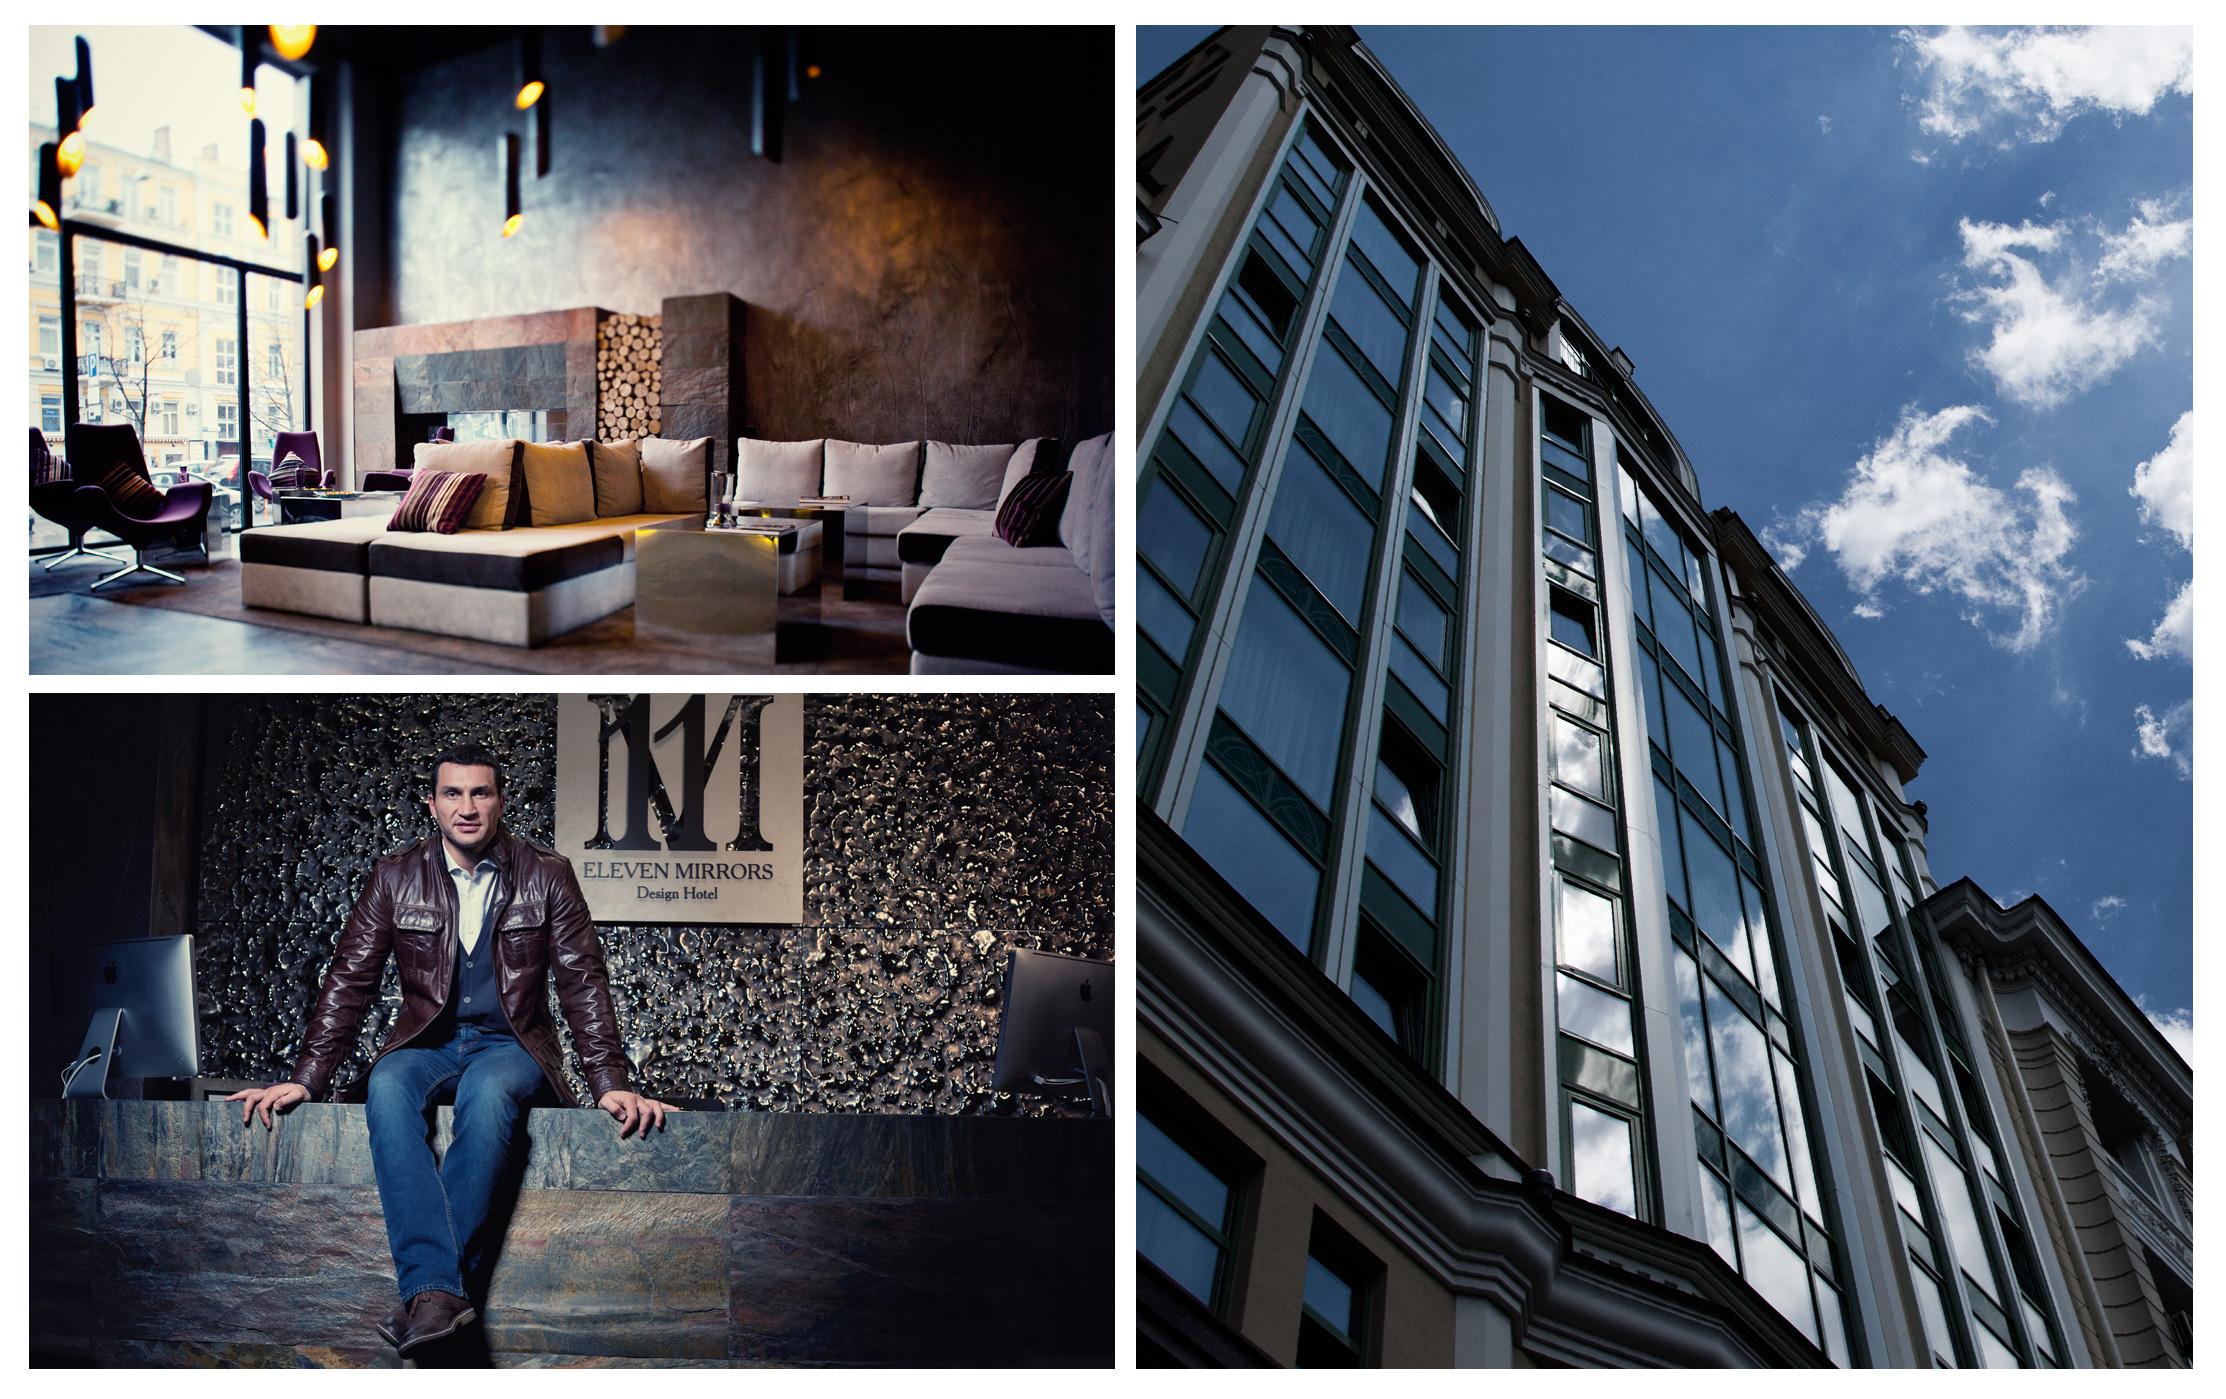 11 Mirrors Hotel Opens In Kiev Theepicureanexplorer Com